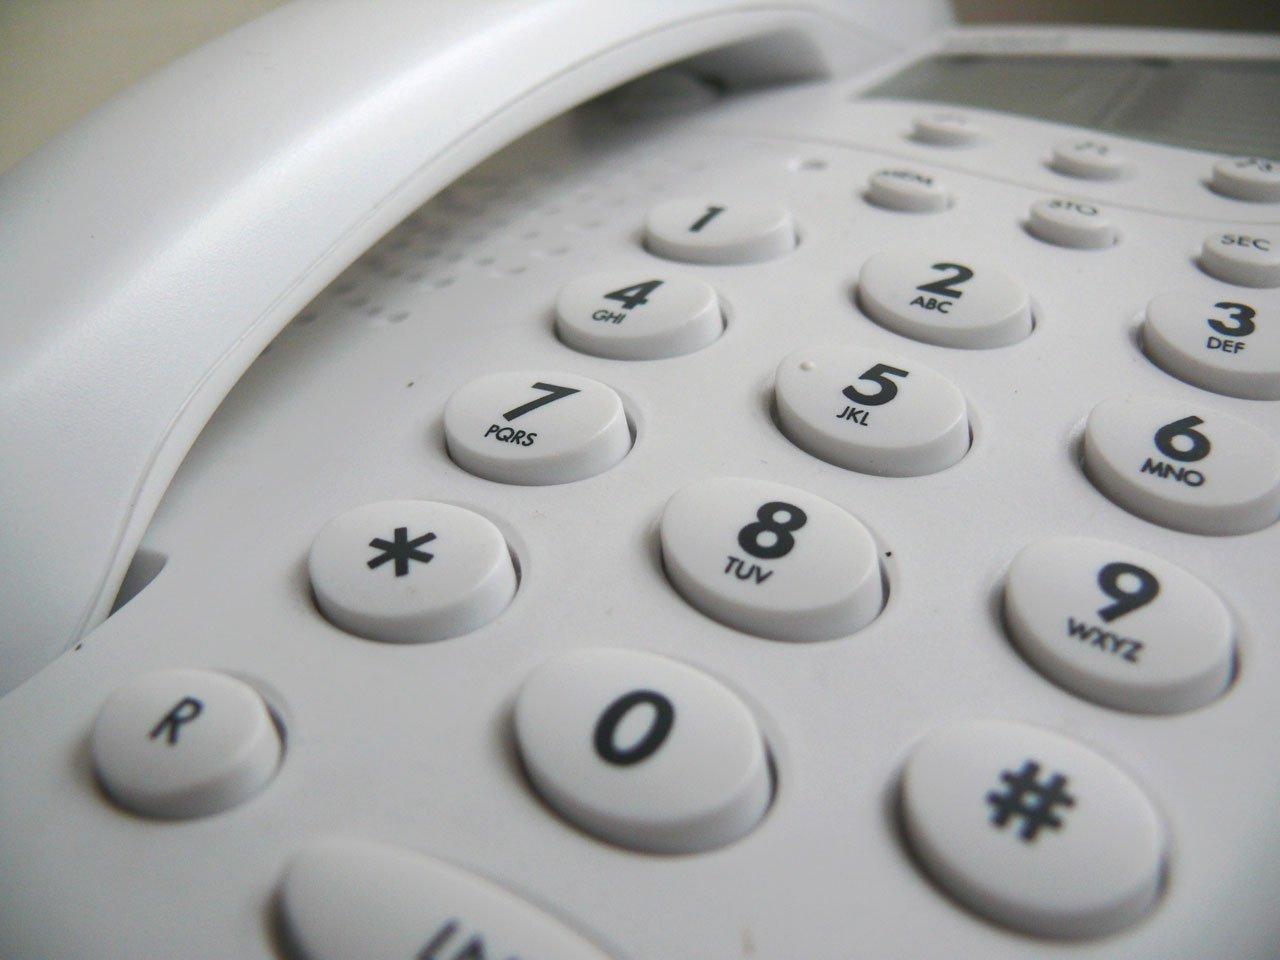 Venta e Instalación de Centralitas de teléfonos IP o tradicionales.